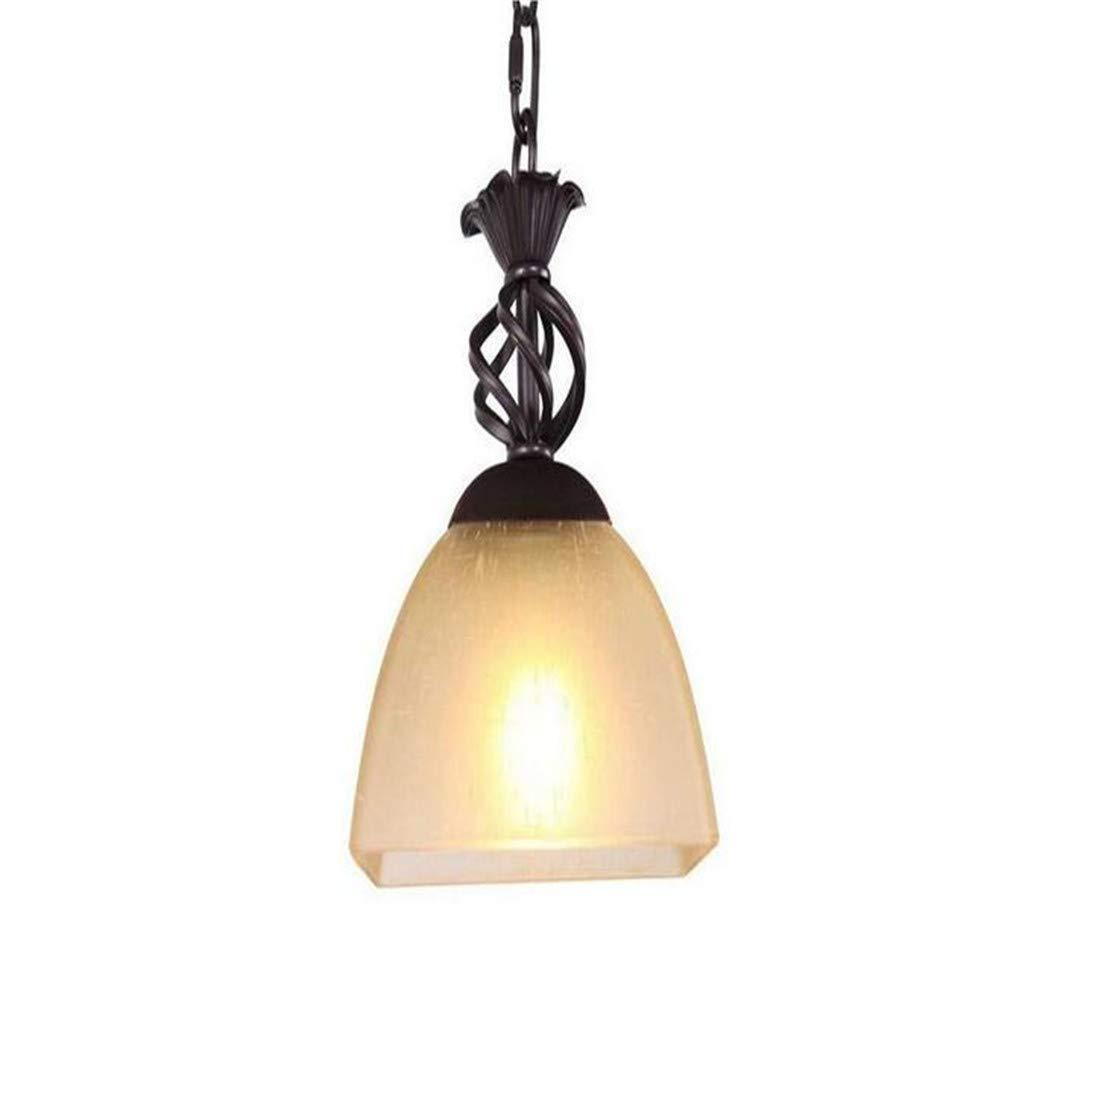 Lámpara Con De Suspensión Metal Una Sala Techo Sola cjL4AS53Rq